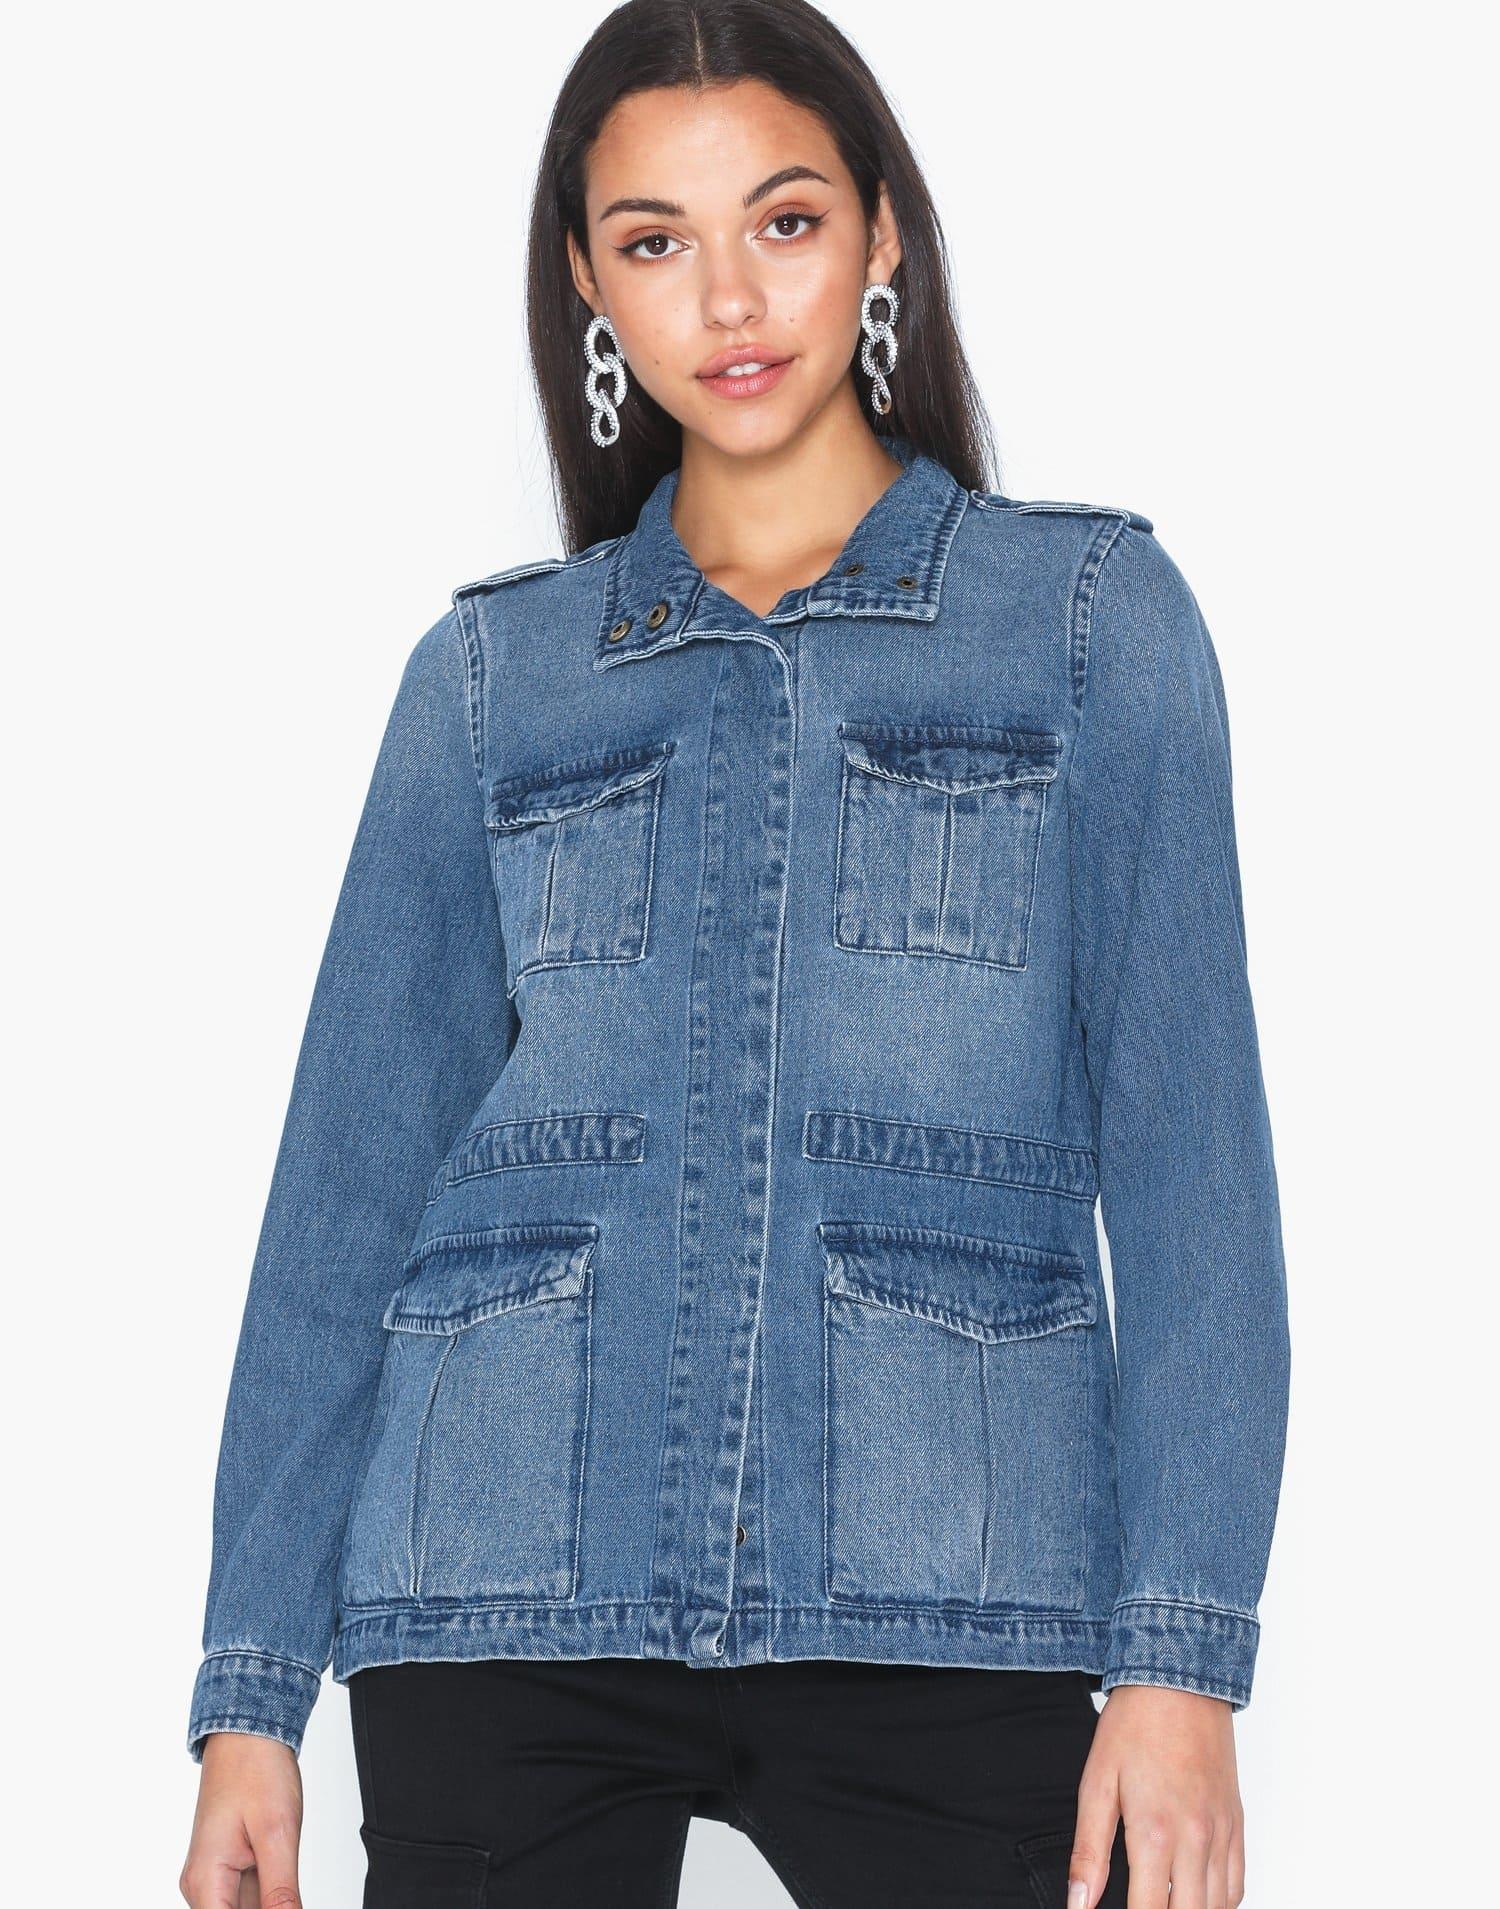 Jeansjacka för dam med fyra fickor